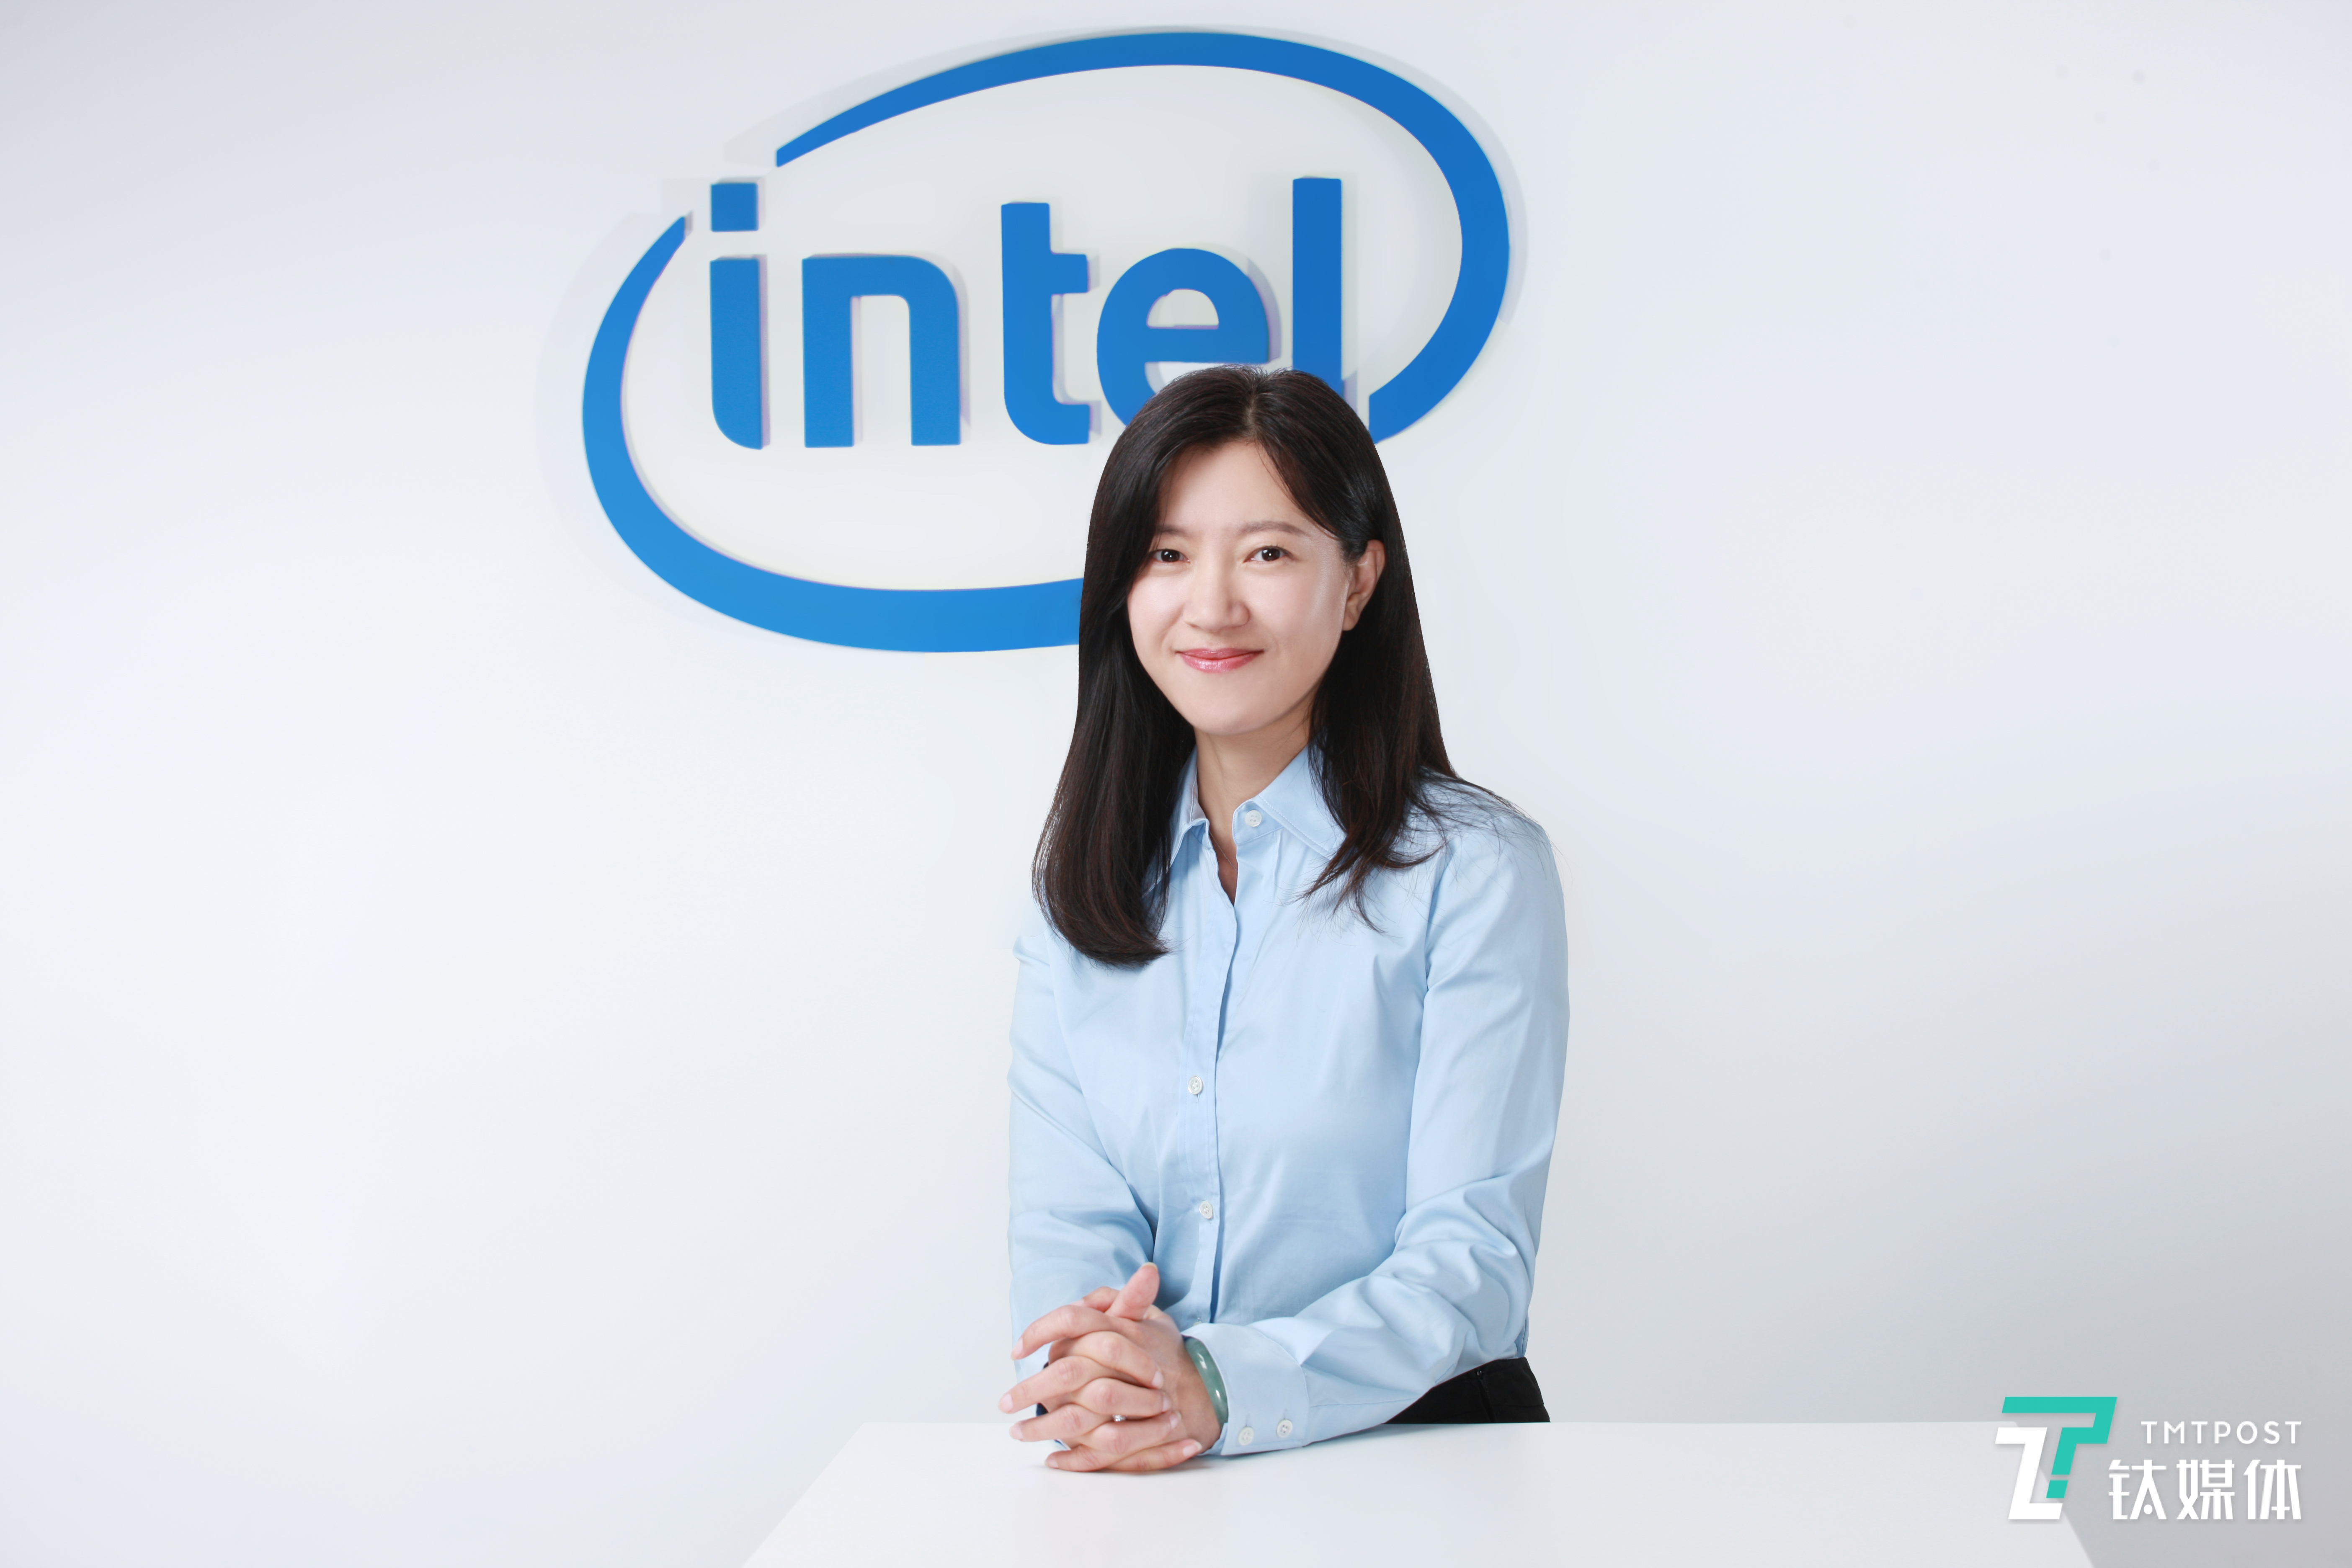 英特尔中国PC市场策略总监郁辉